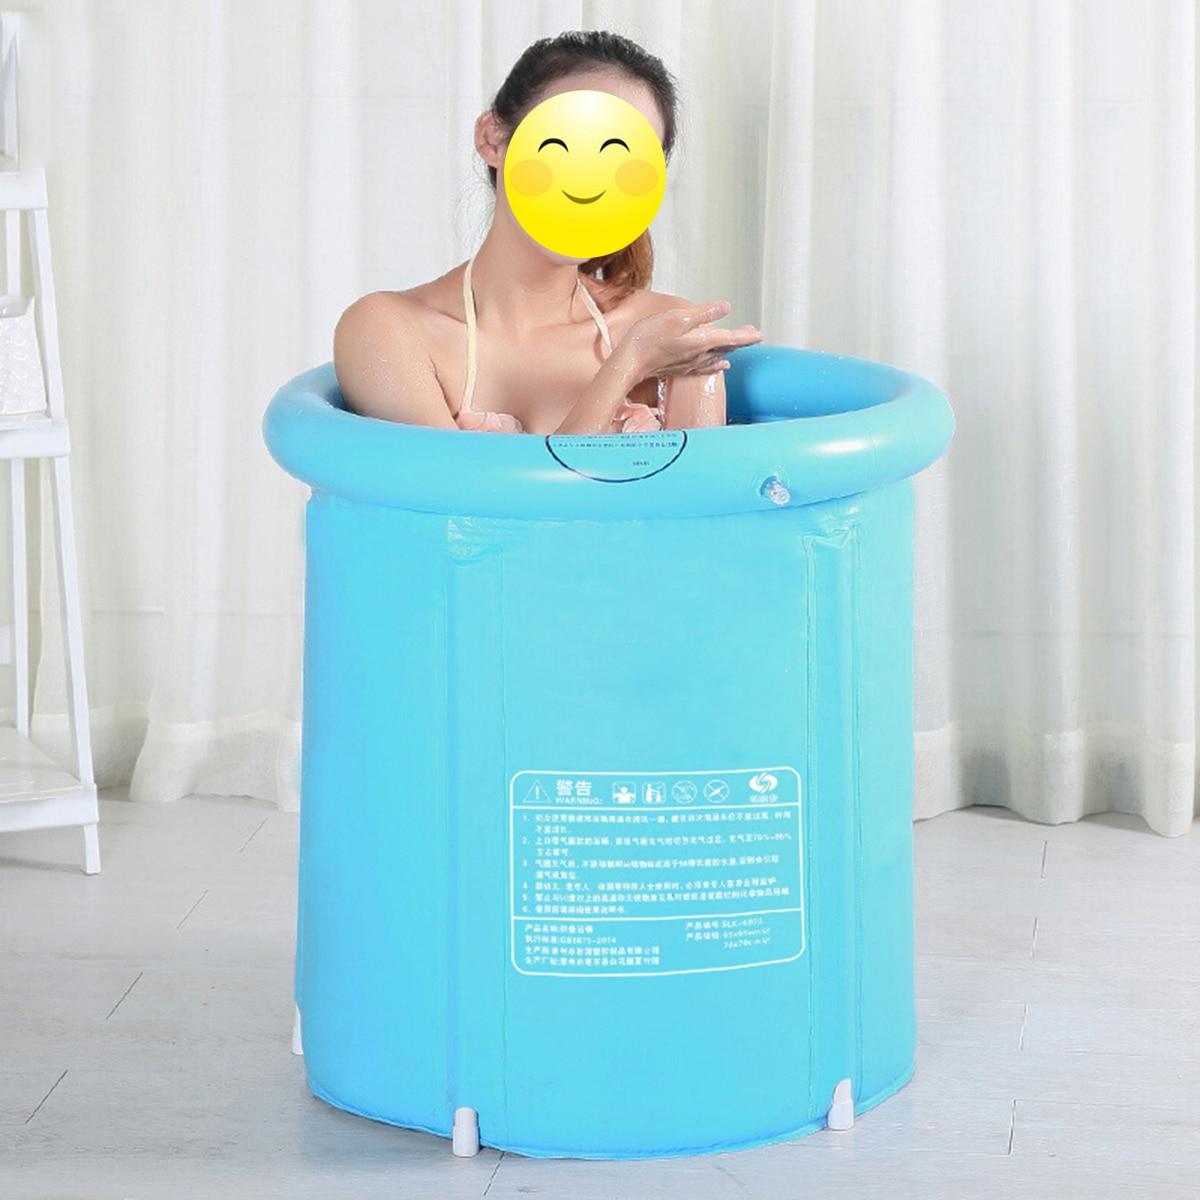 Plateaux de baignoire en plastique pliables portables baignoire gonflable adulte épaissie maison piscine de Massage SPA unique seau de bain robuste